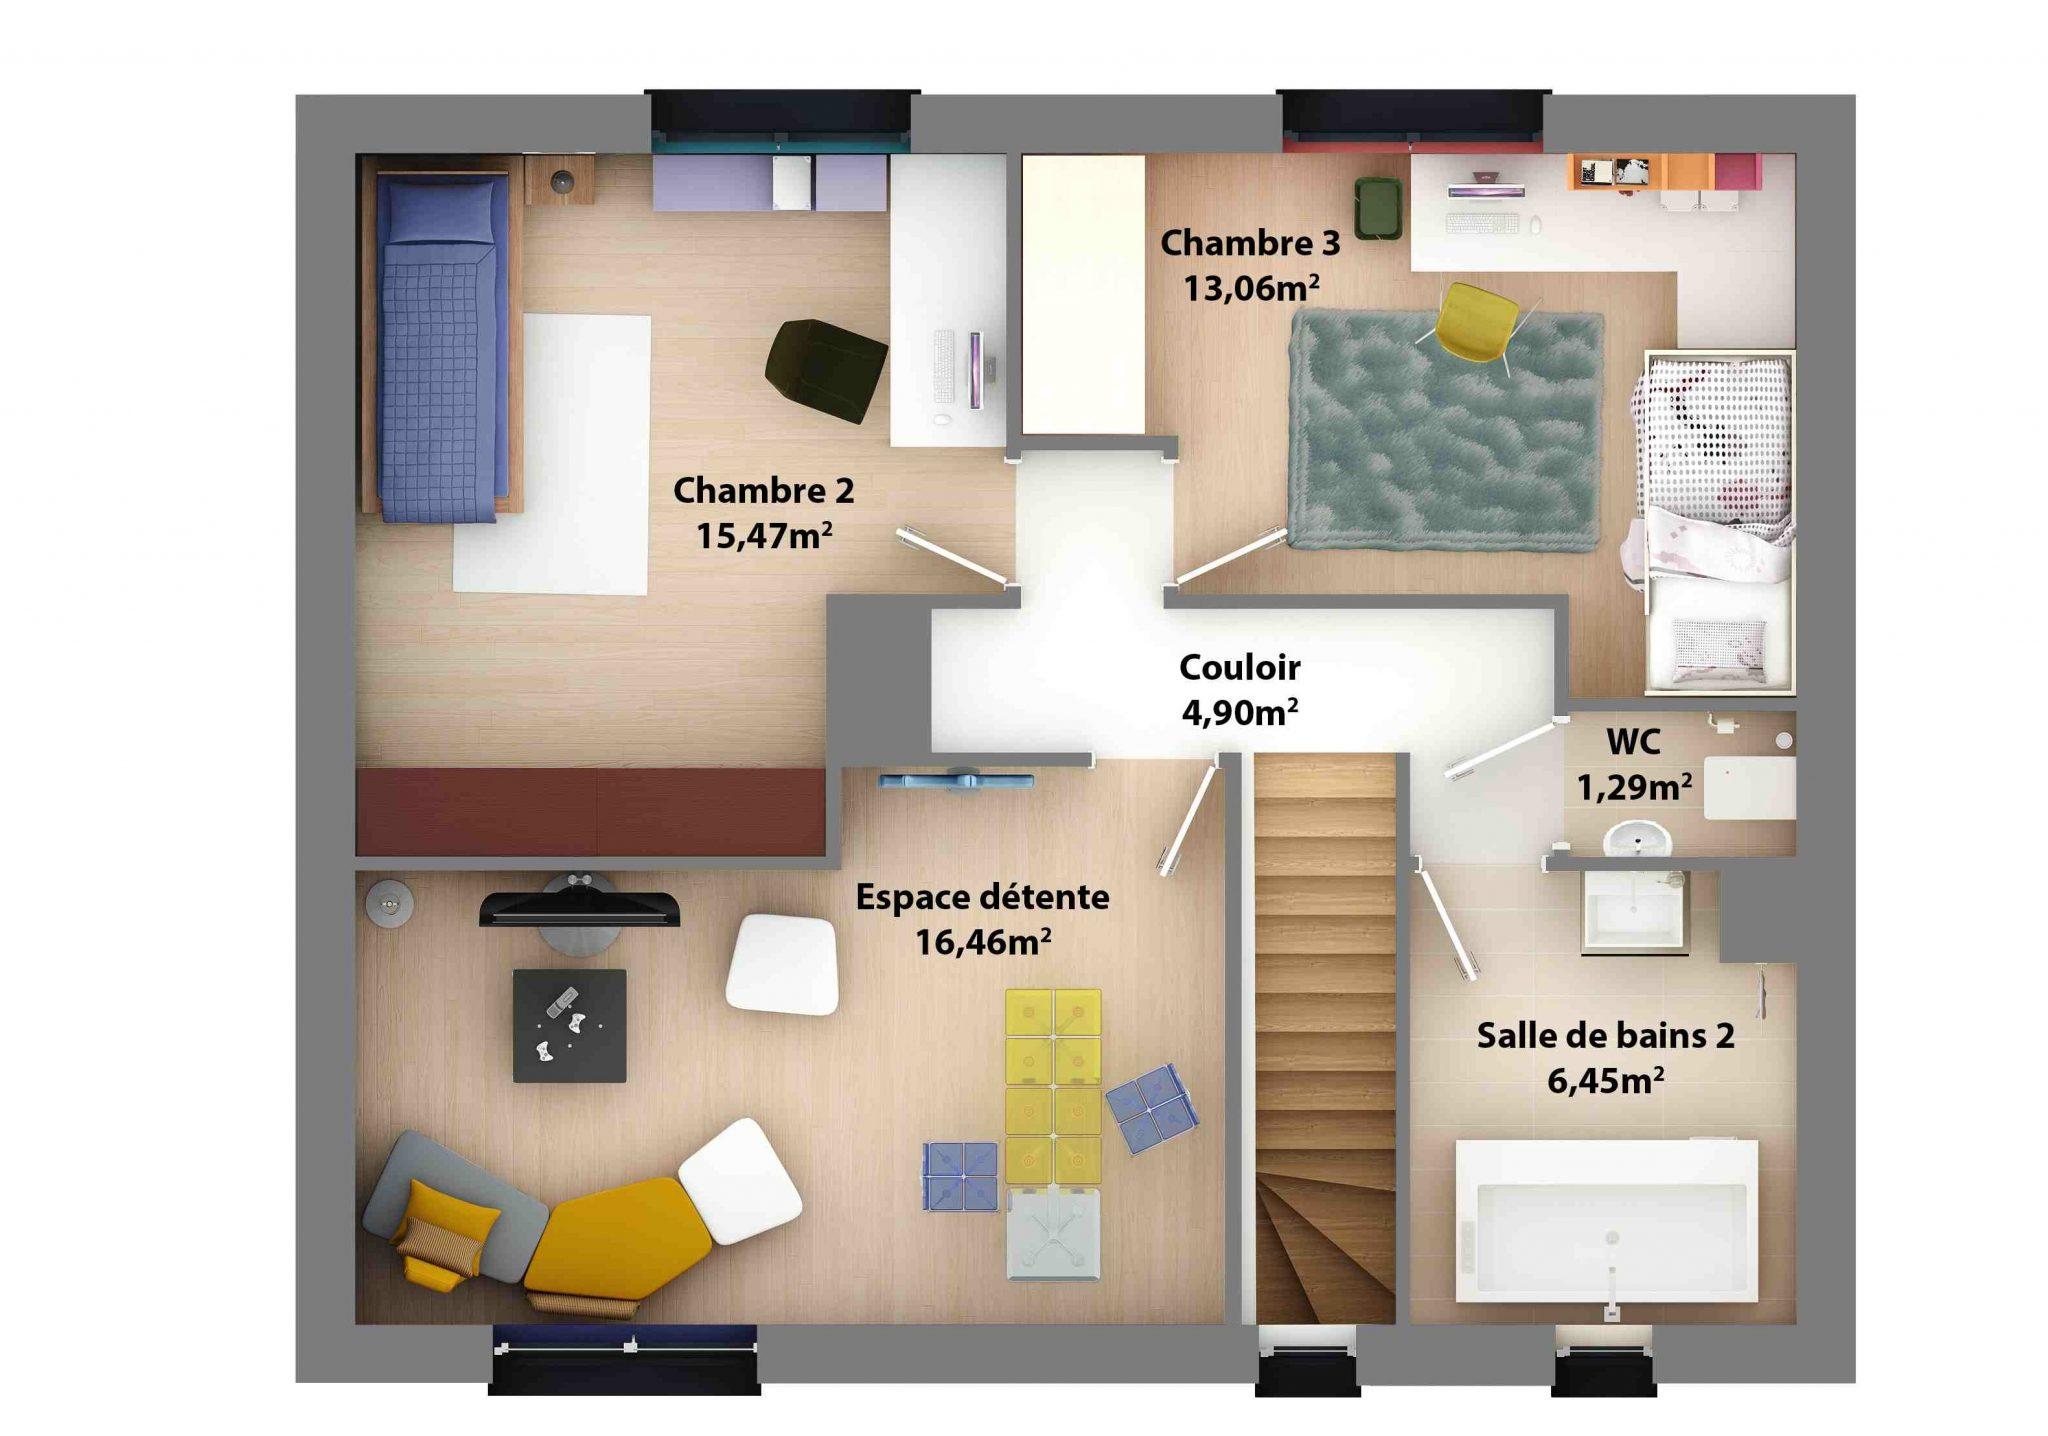 Mod le maison moderne tage mc immo - Plan maison 50m2 2 chambres ...